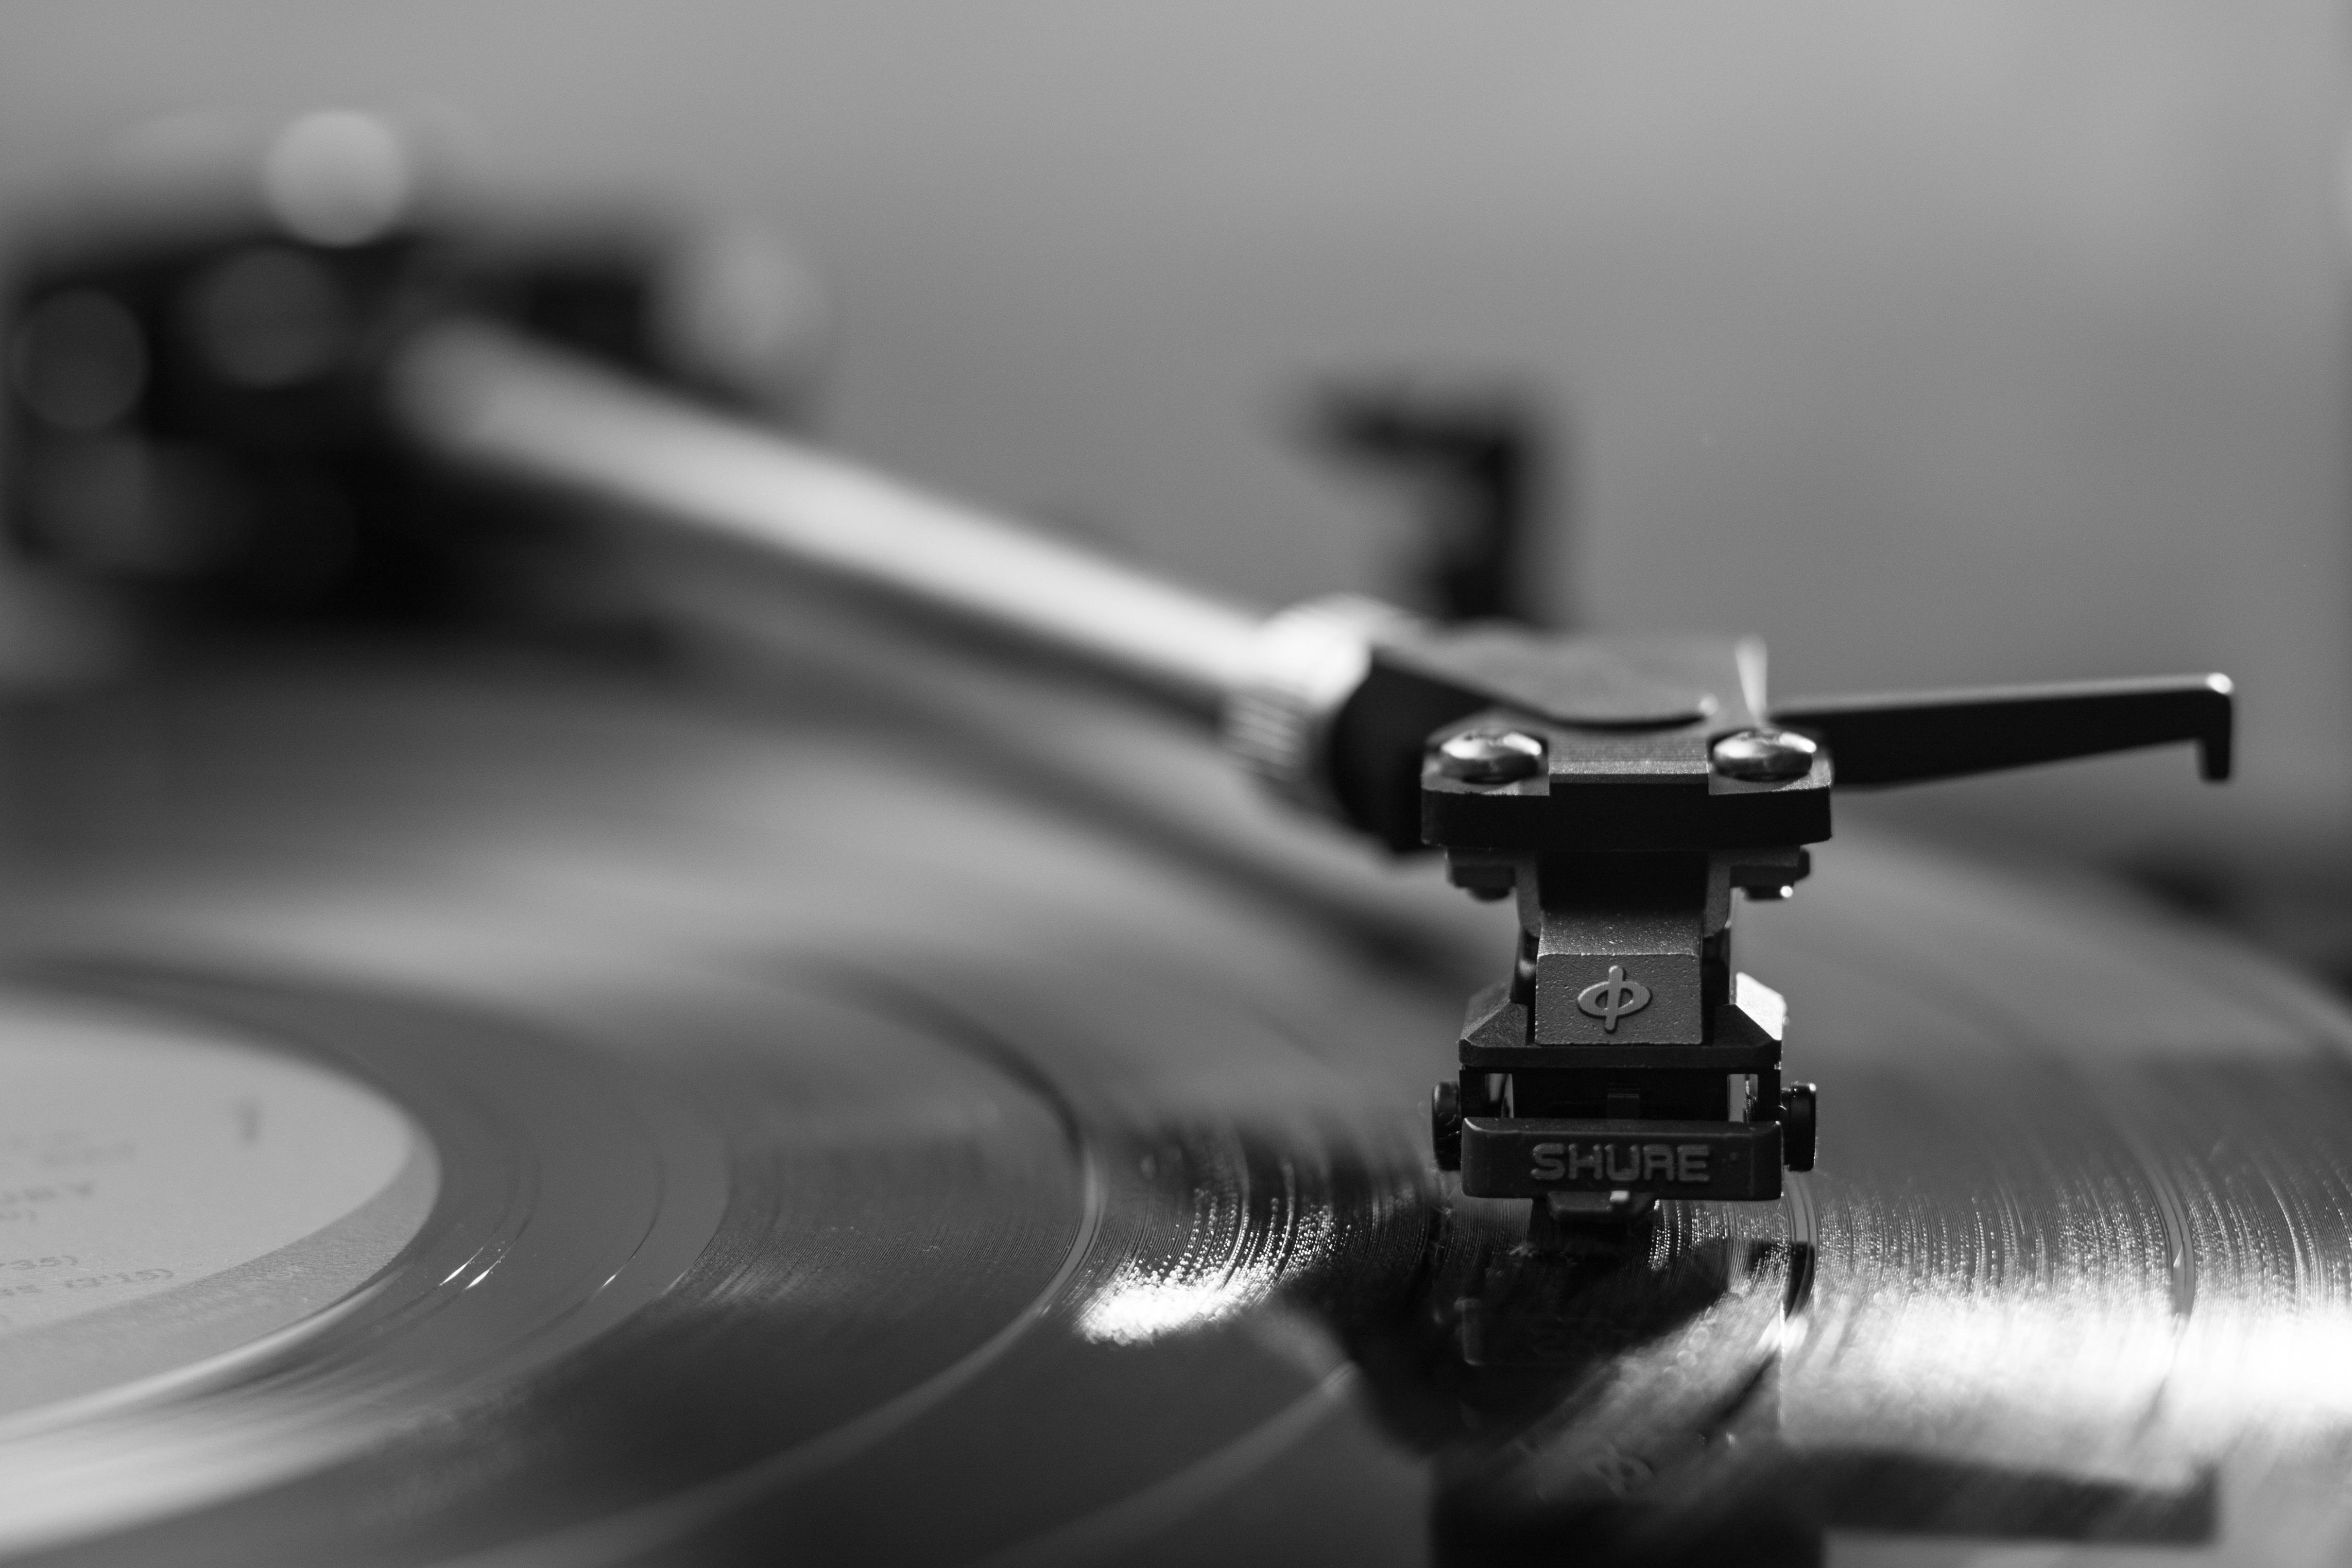 Zwart Wit Vinyl : ≥ vinyl zwart wit mat m rol achtergrond fotografie